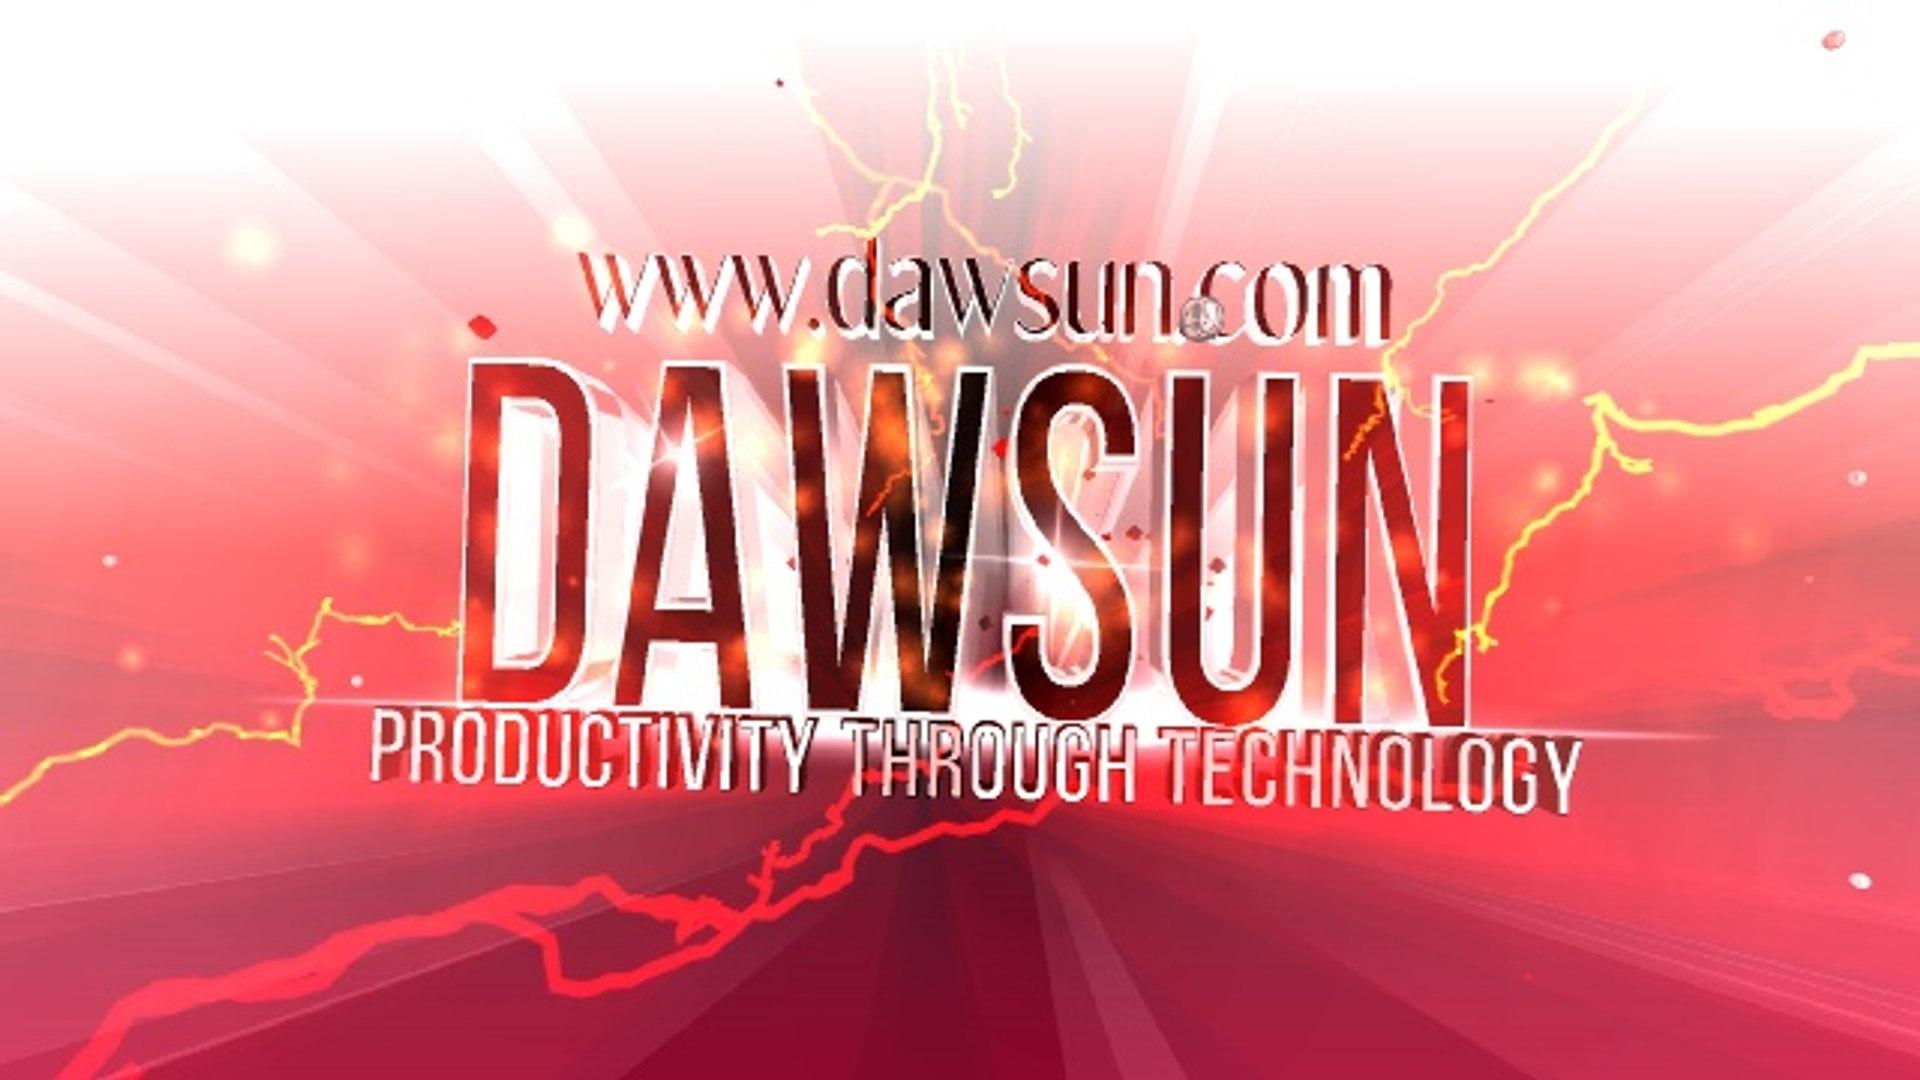 DawSun Technologies